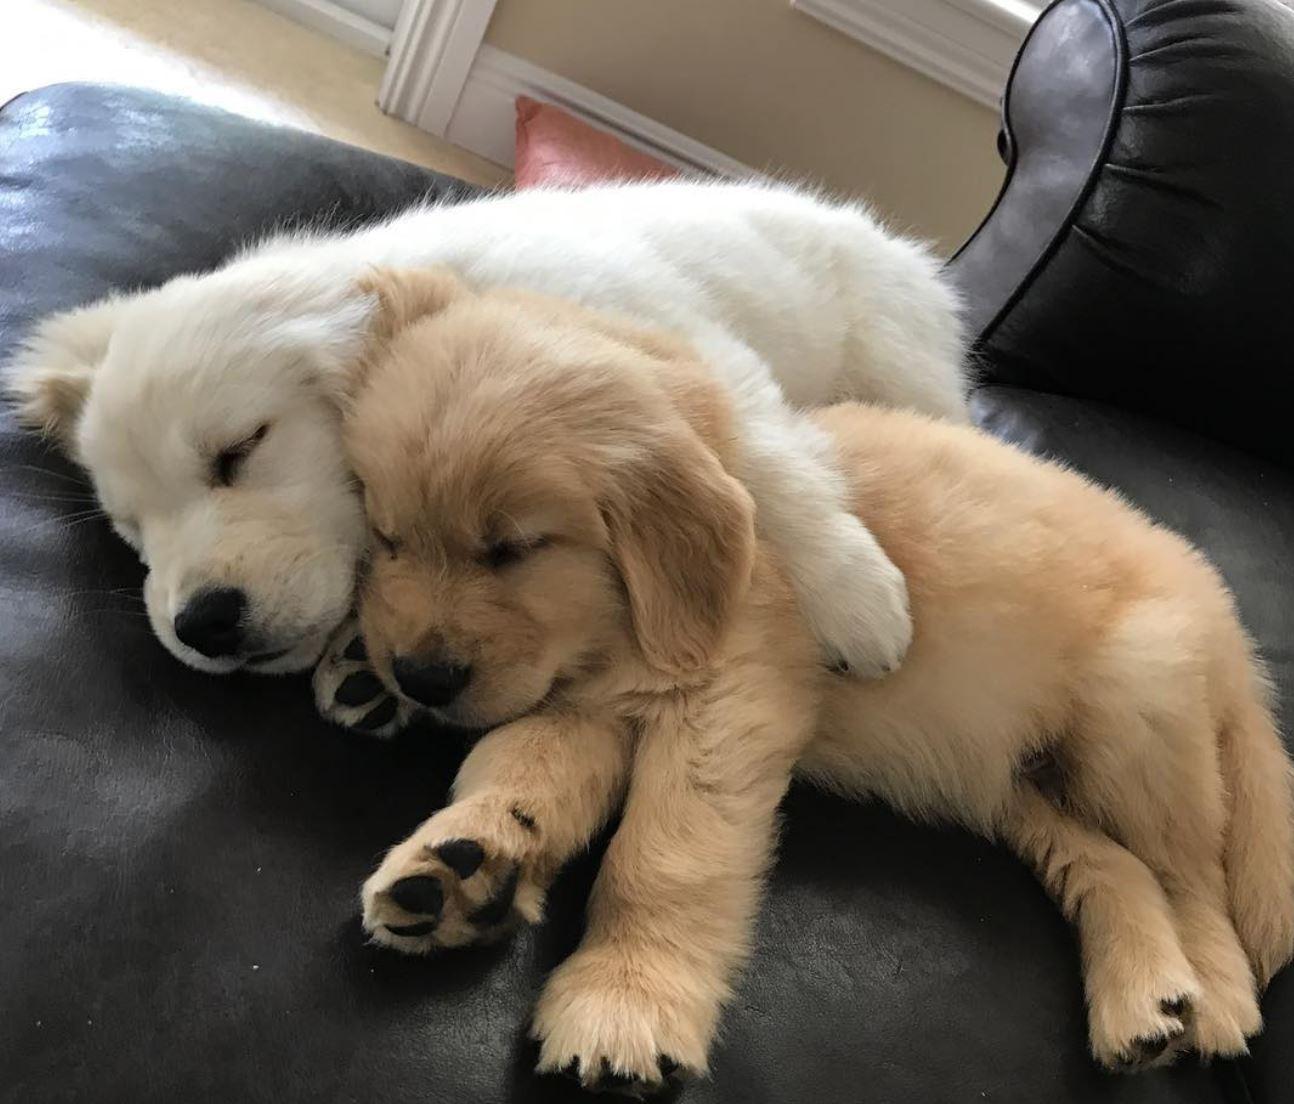 Sleeping golden retrievers